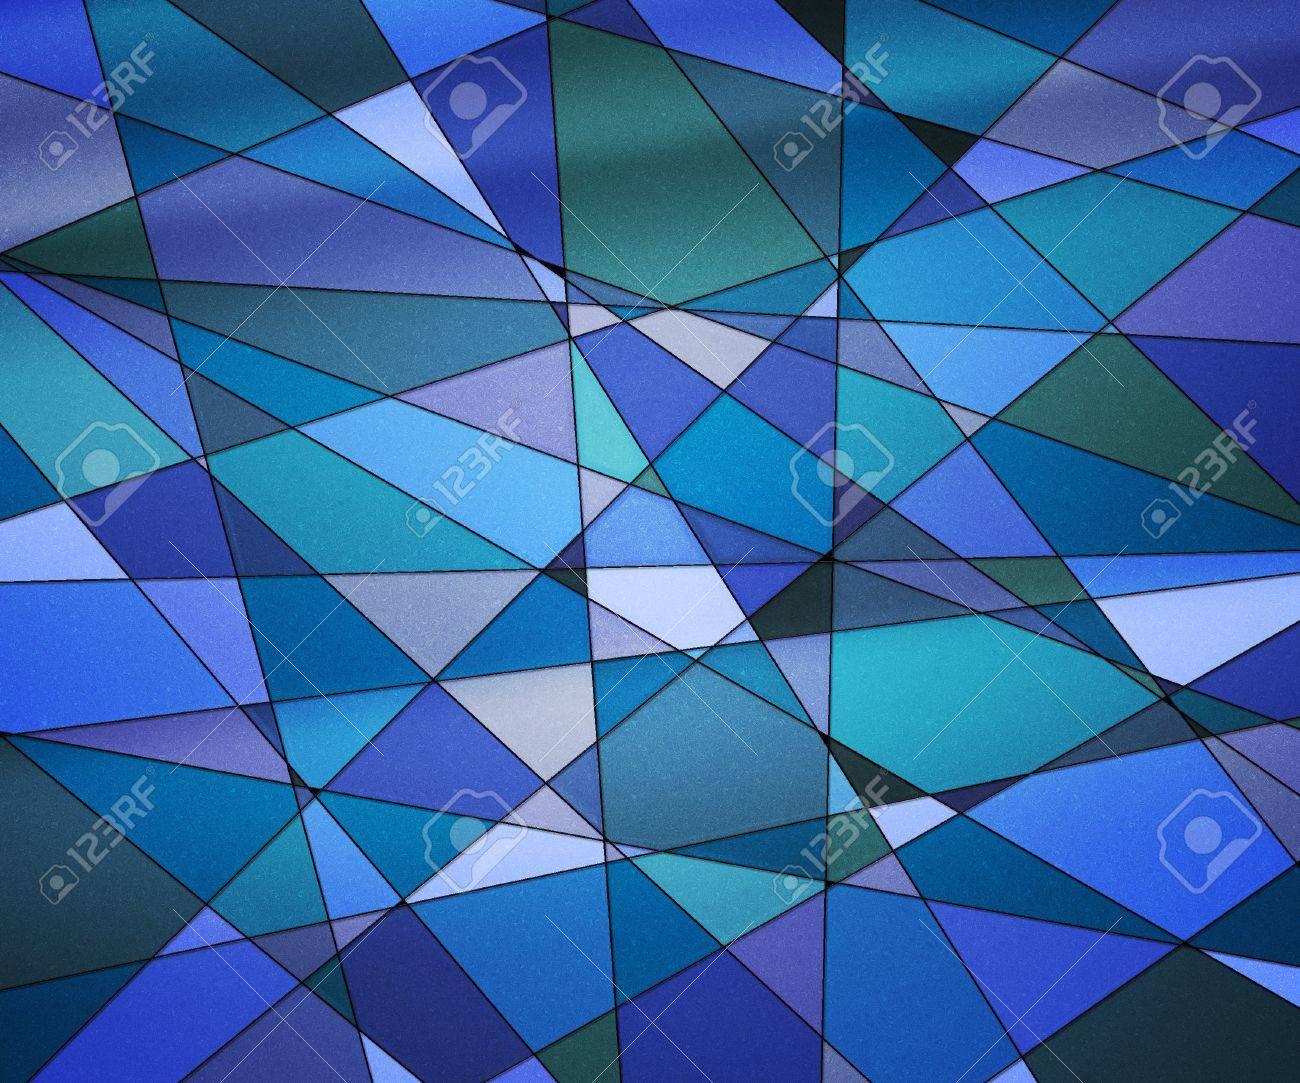 Blue Glass Texture